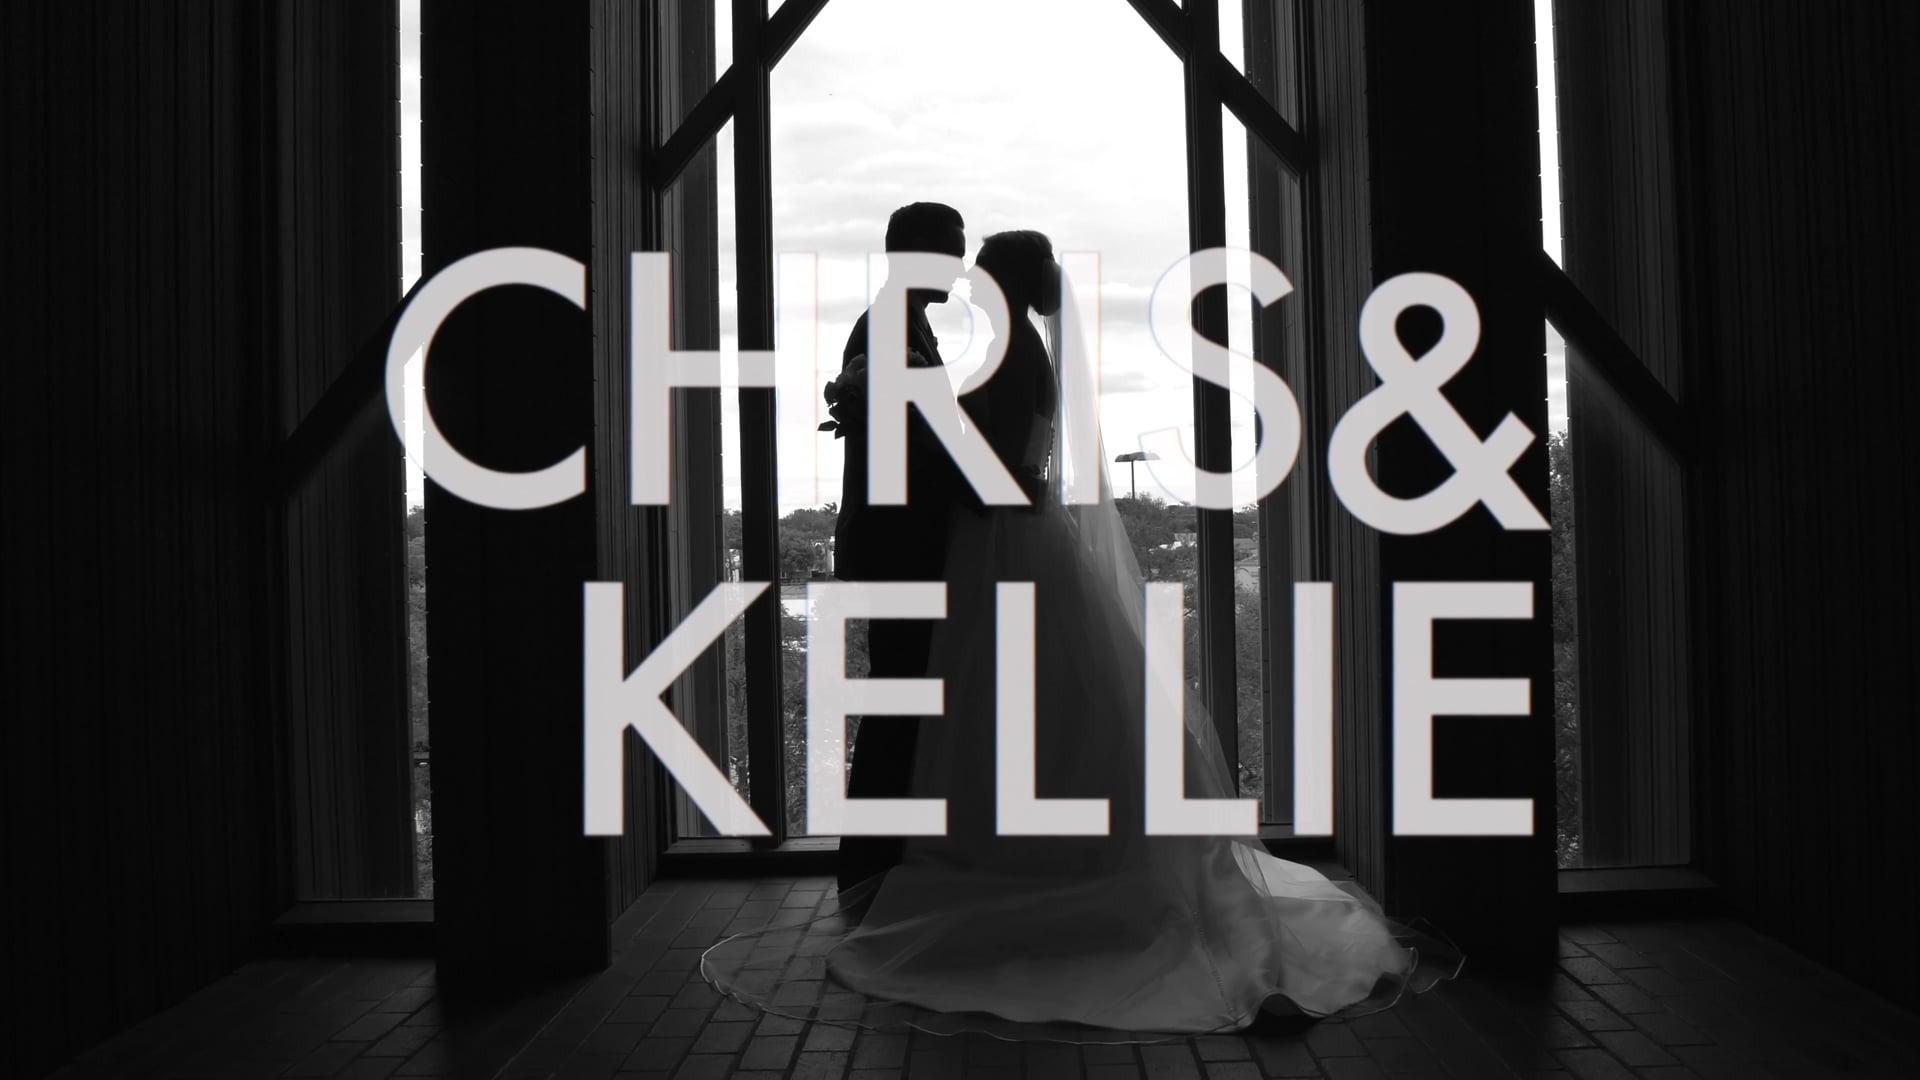 Kellie & Chris Teaser 4K